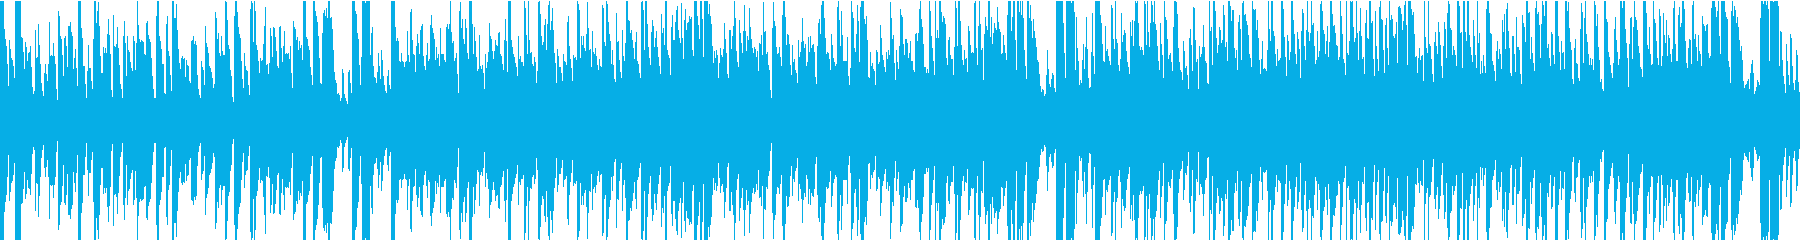 13秒でサビ、おだやか/オケループの再生済みの波形